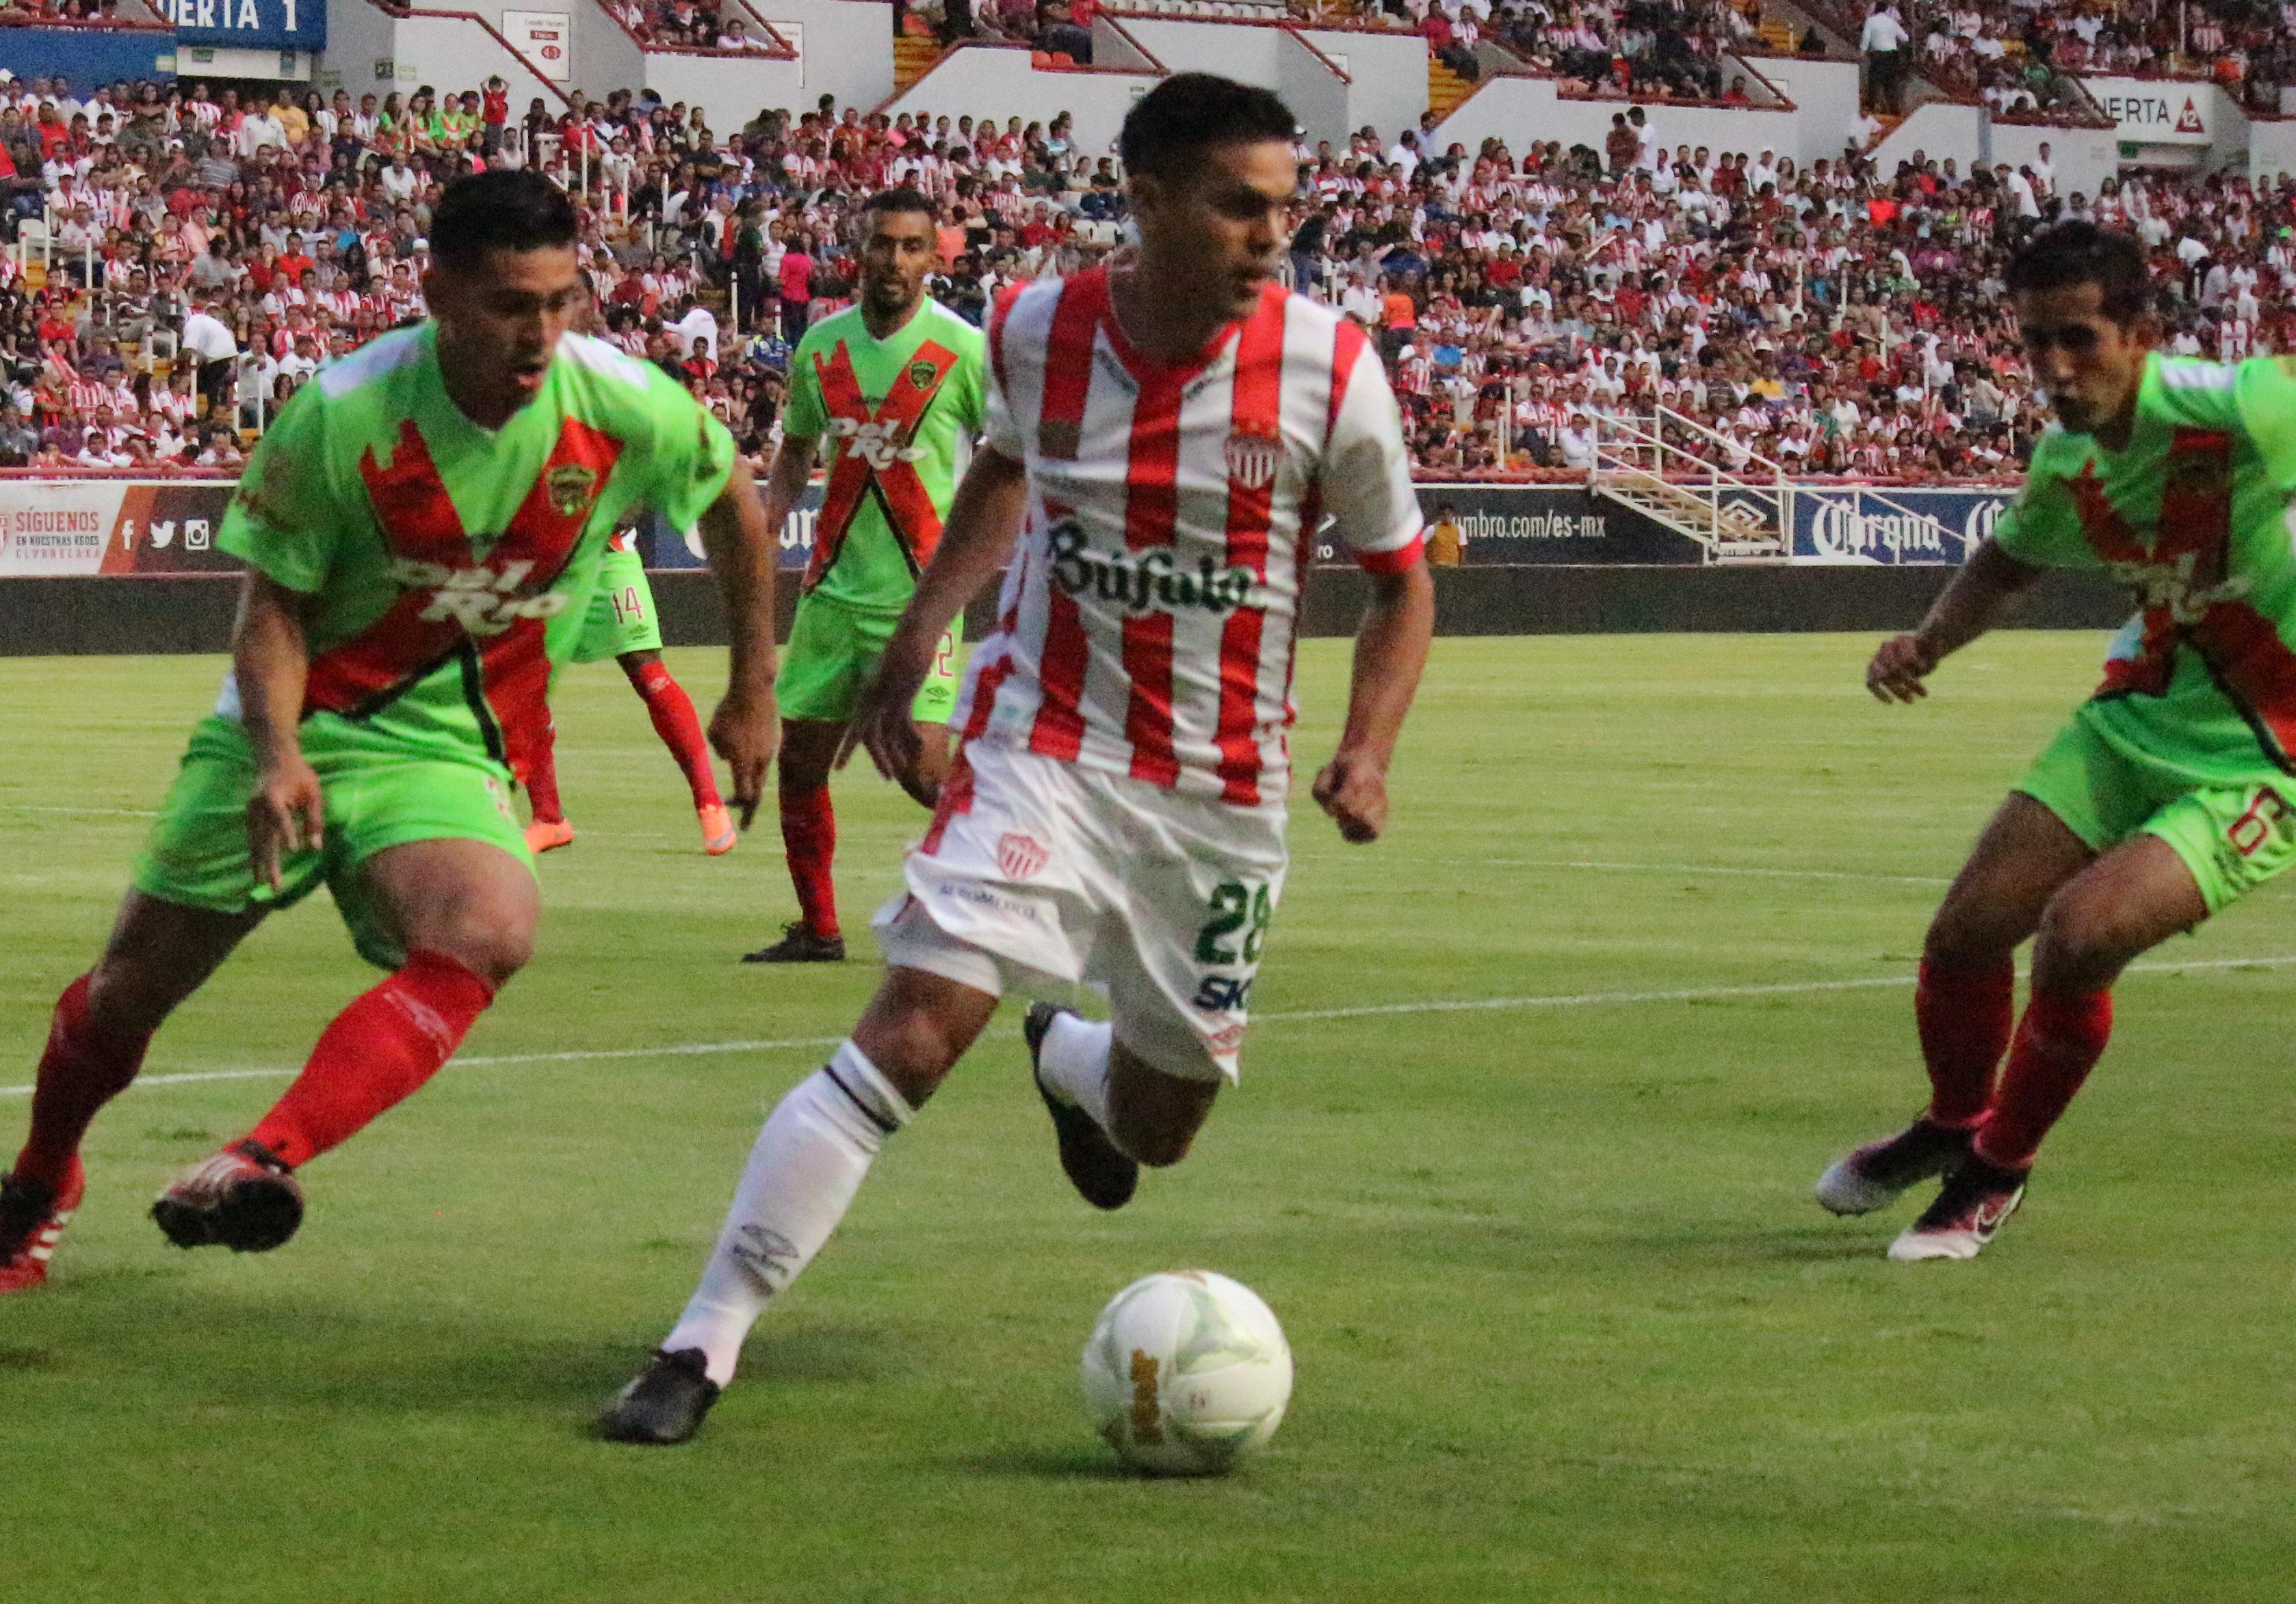 Tenemos que hacer un partido casi perfecto: Xavier Báez